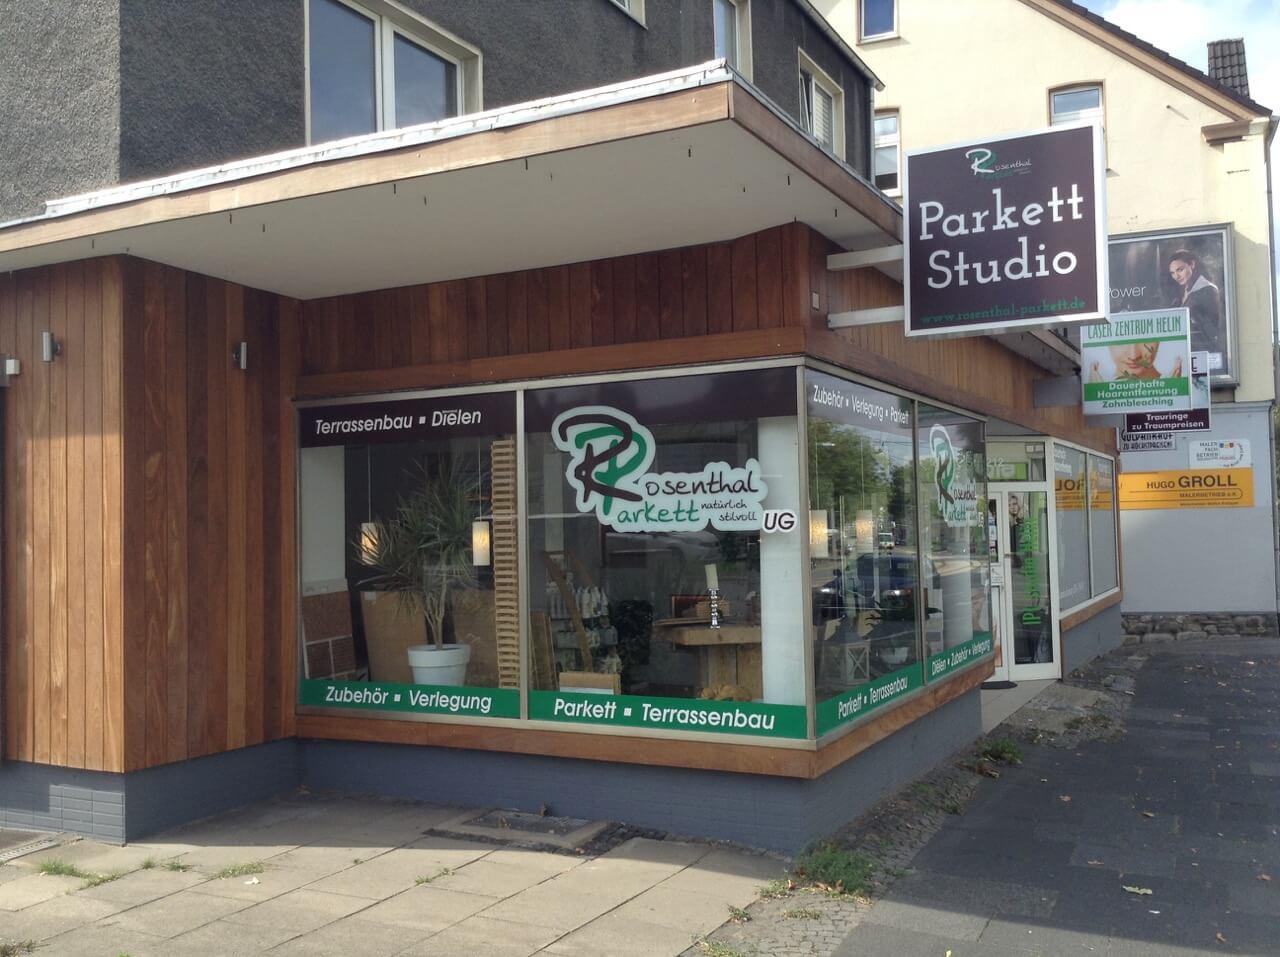 Parkett Rosenthal – Olivenholz Parkett Partner & Verleger